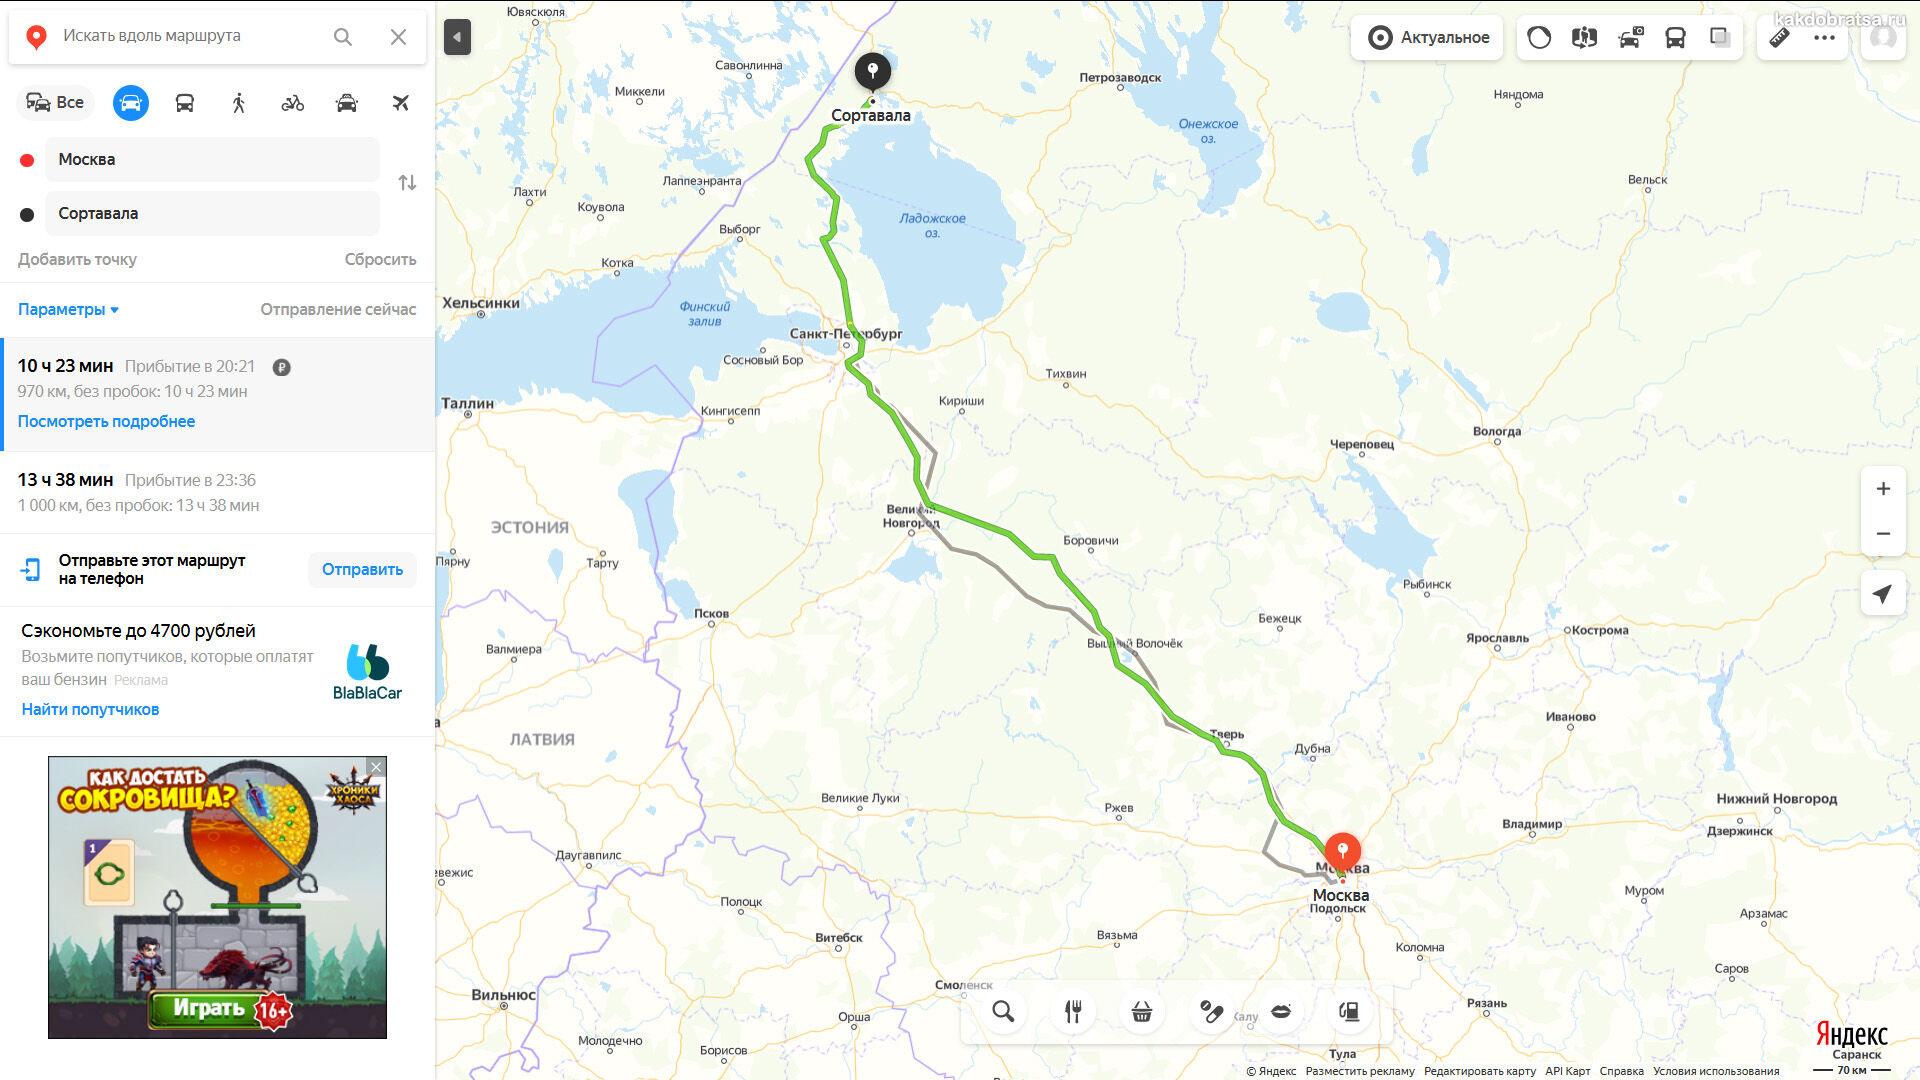 Москва в Сортавала маршрут и как добраться